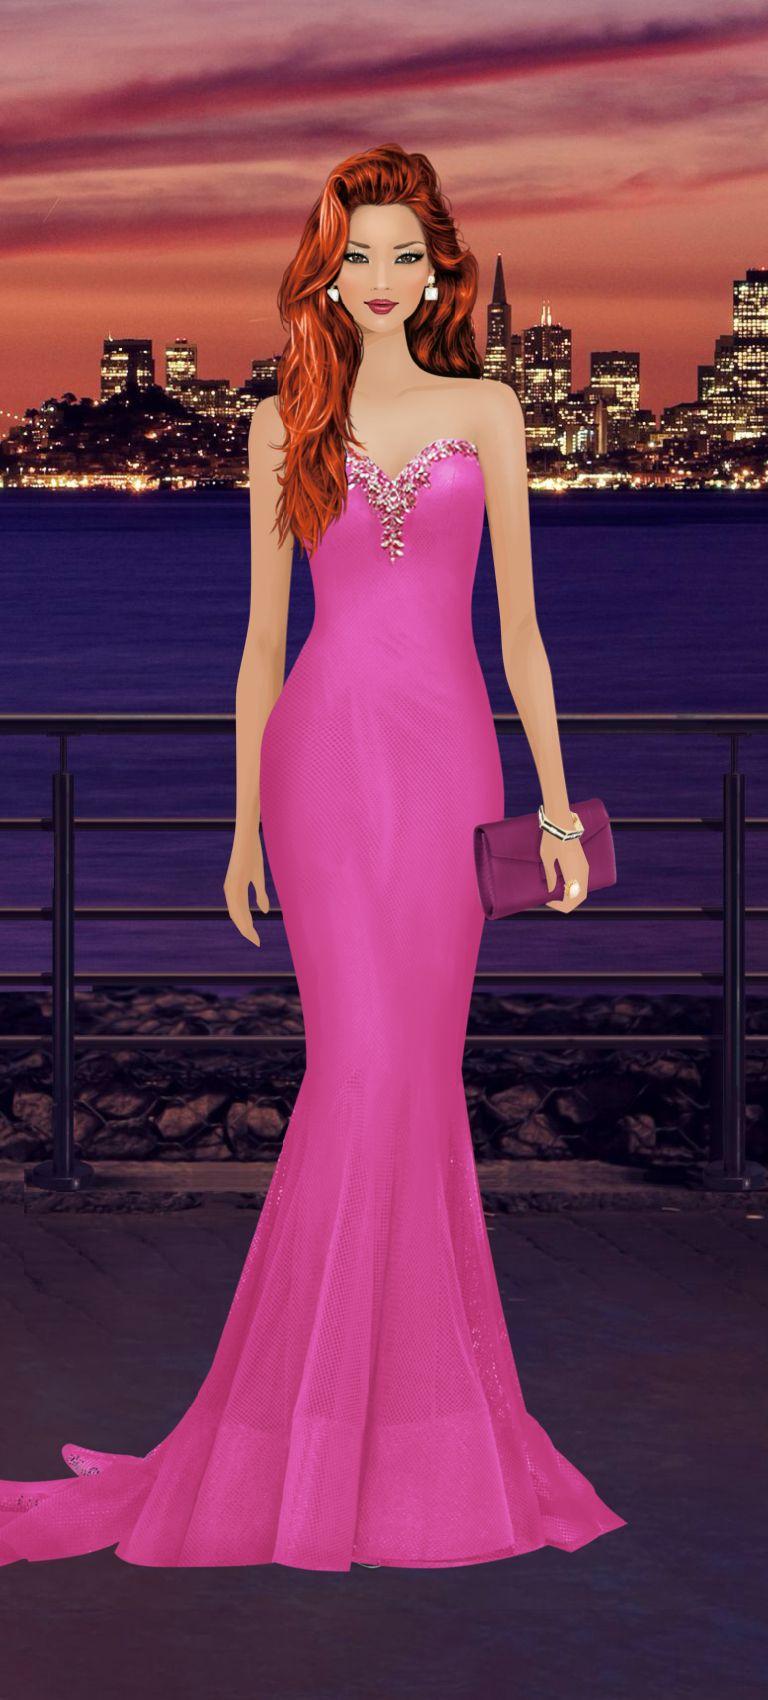 Fashion Game | swet | Pinterest | Princesas, Damas y Femenino